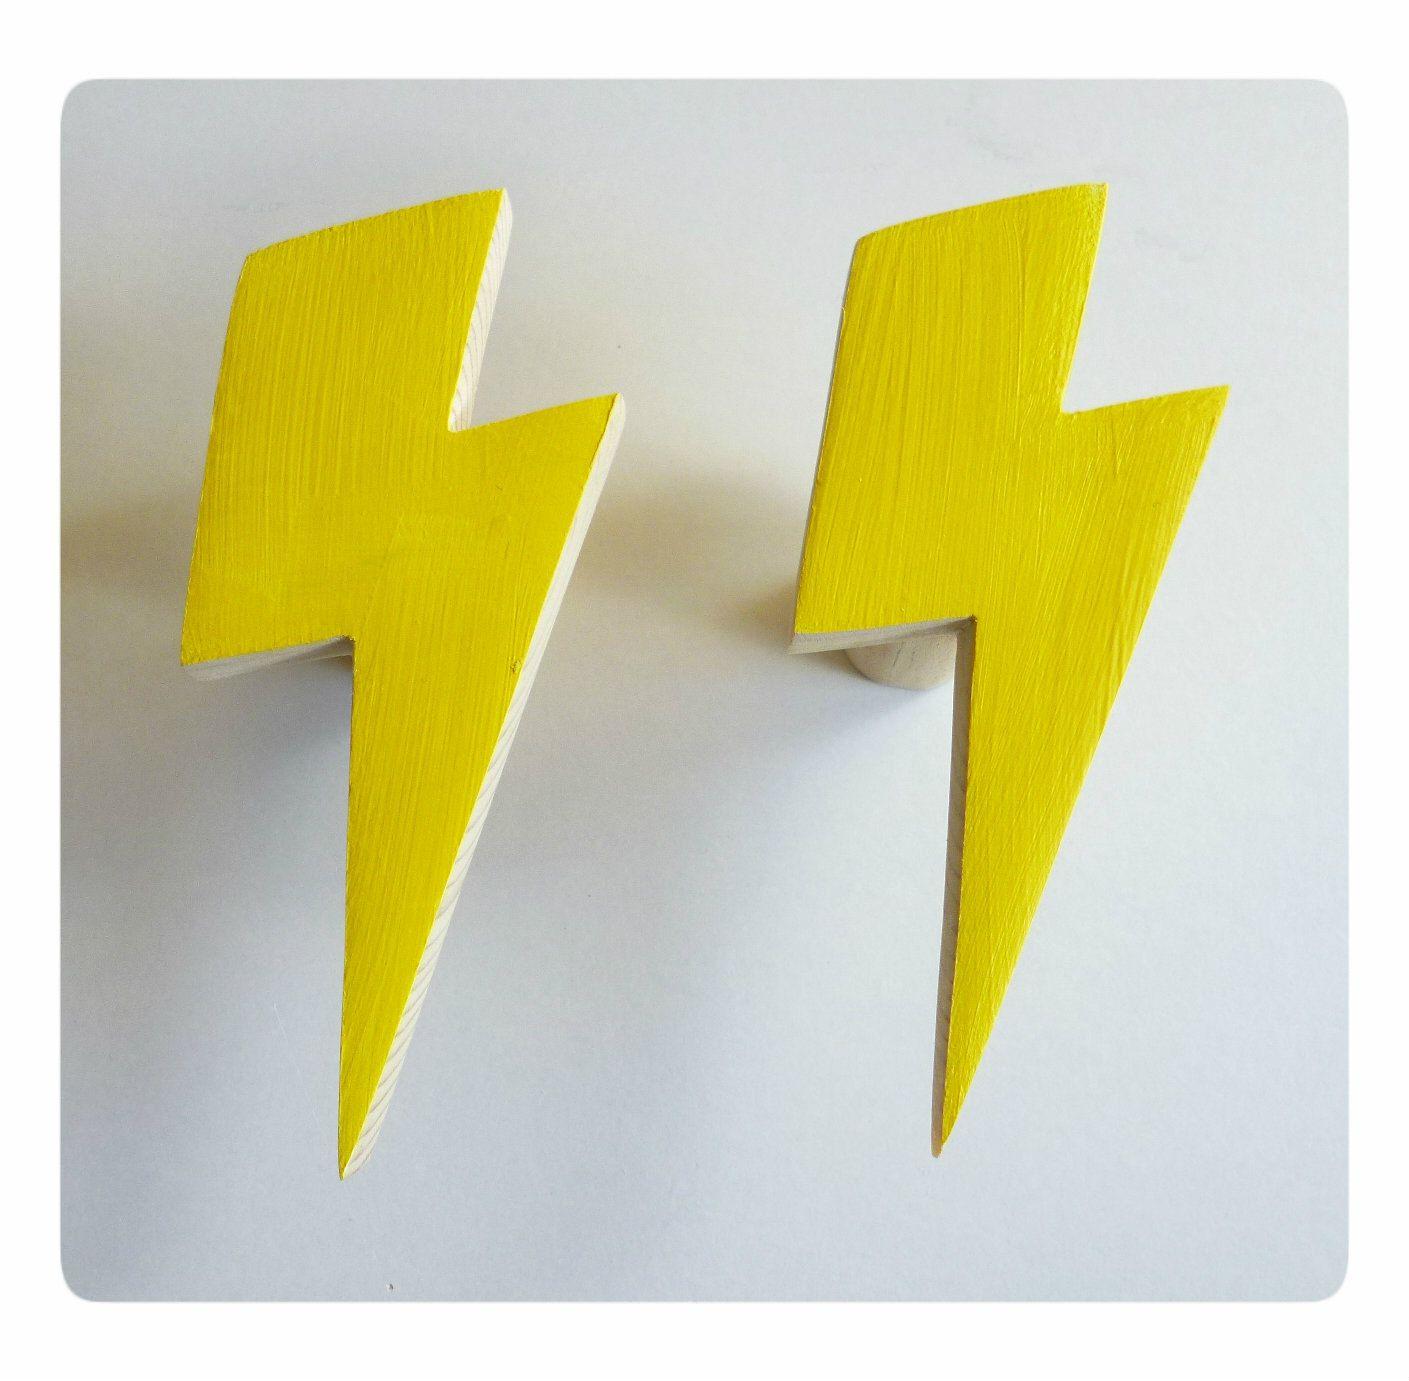 Lightning bolt wall hook - yellow wall hook - decorative hook ...